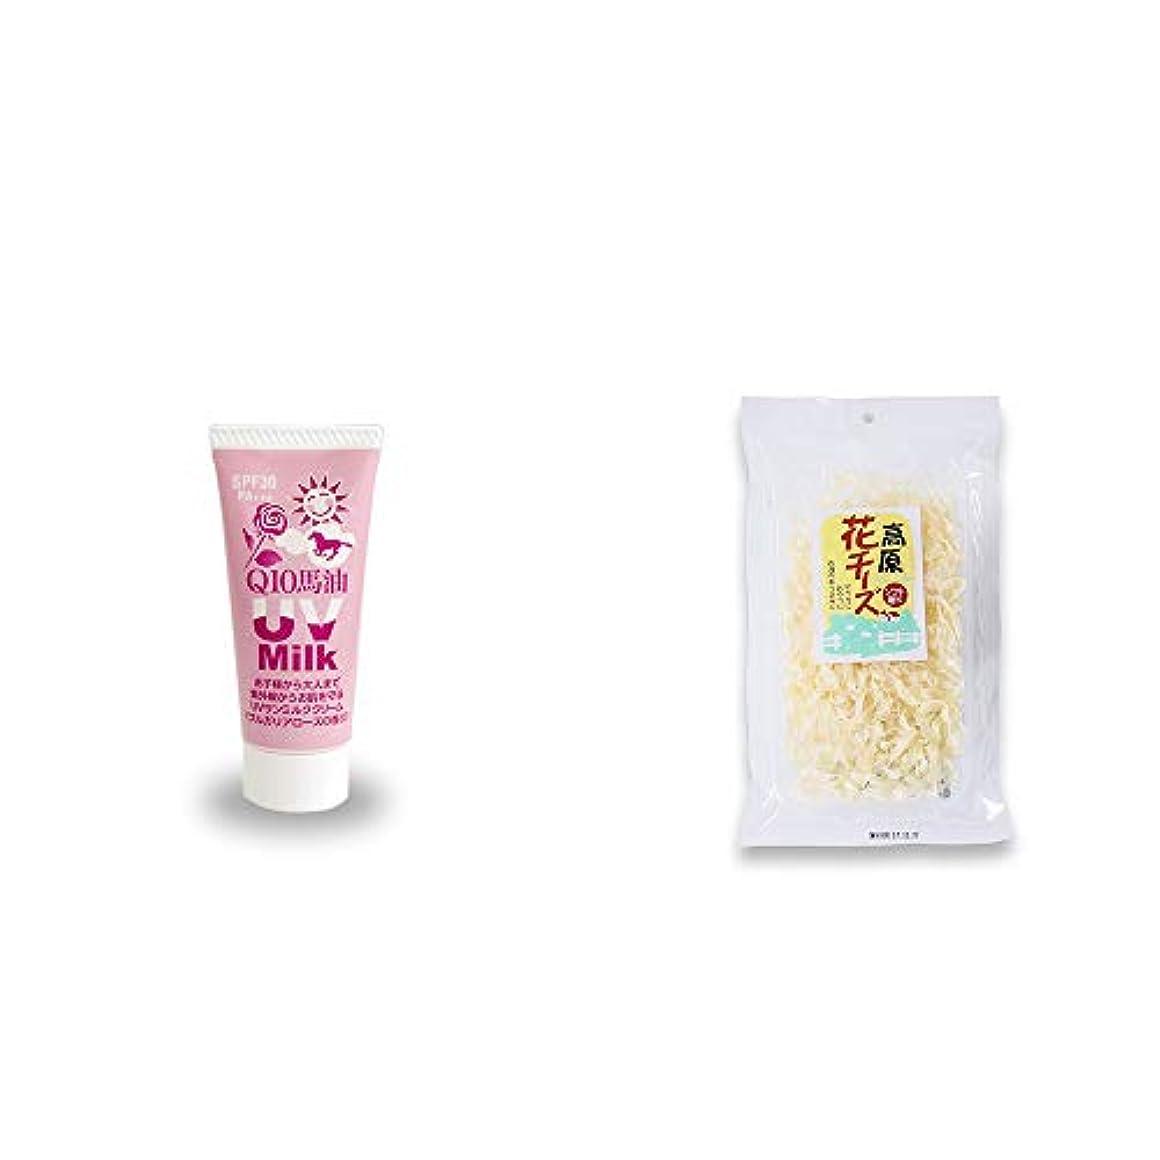 ビリーヤギ資格所有権[2点セット] 炭黒泉 Q10馬油 UVサンミルク[ブルガリアローズ](40g)?高原の花チーズ(56g)